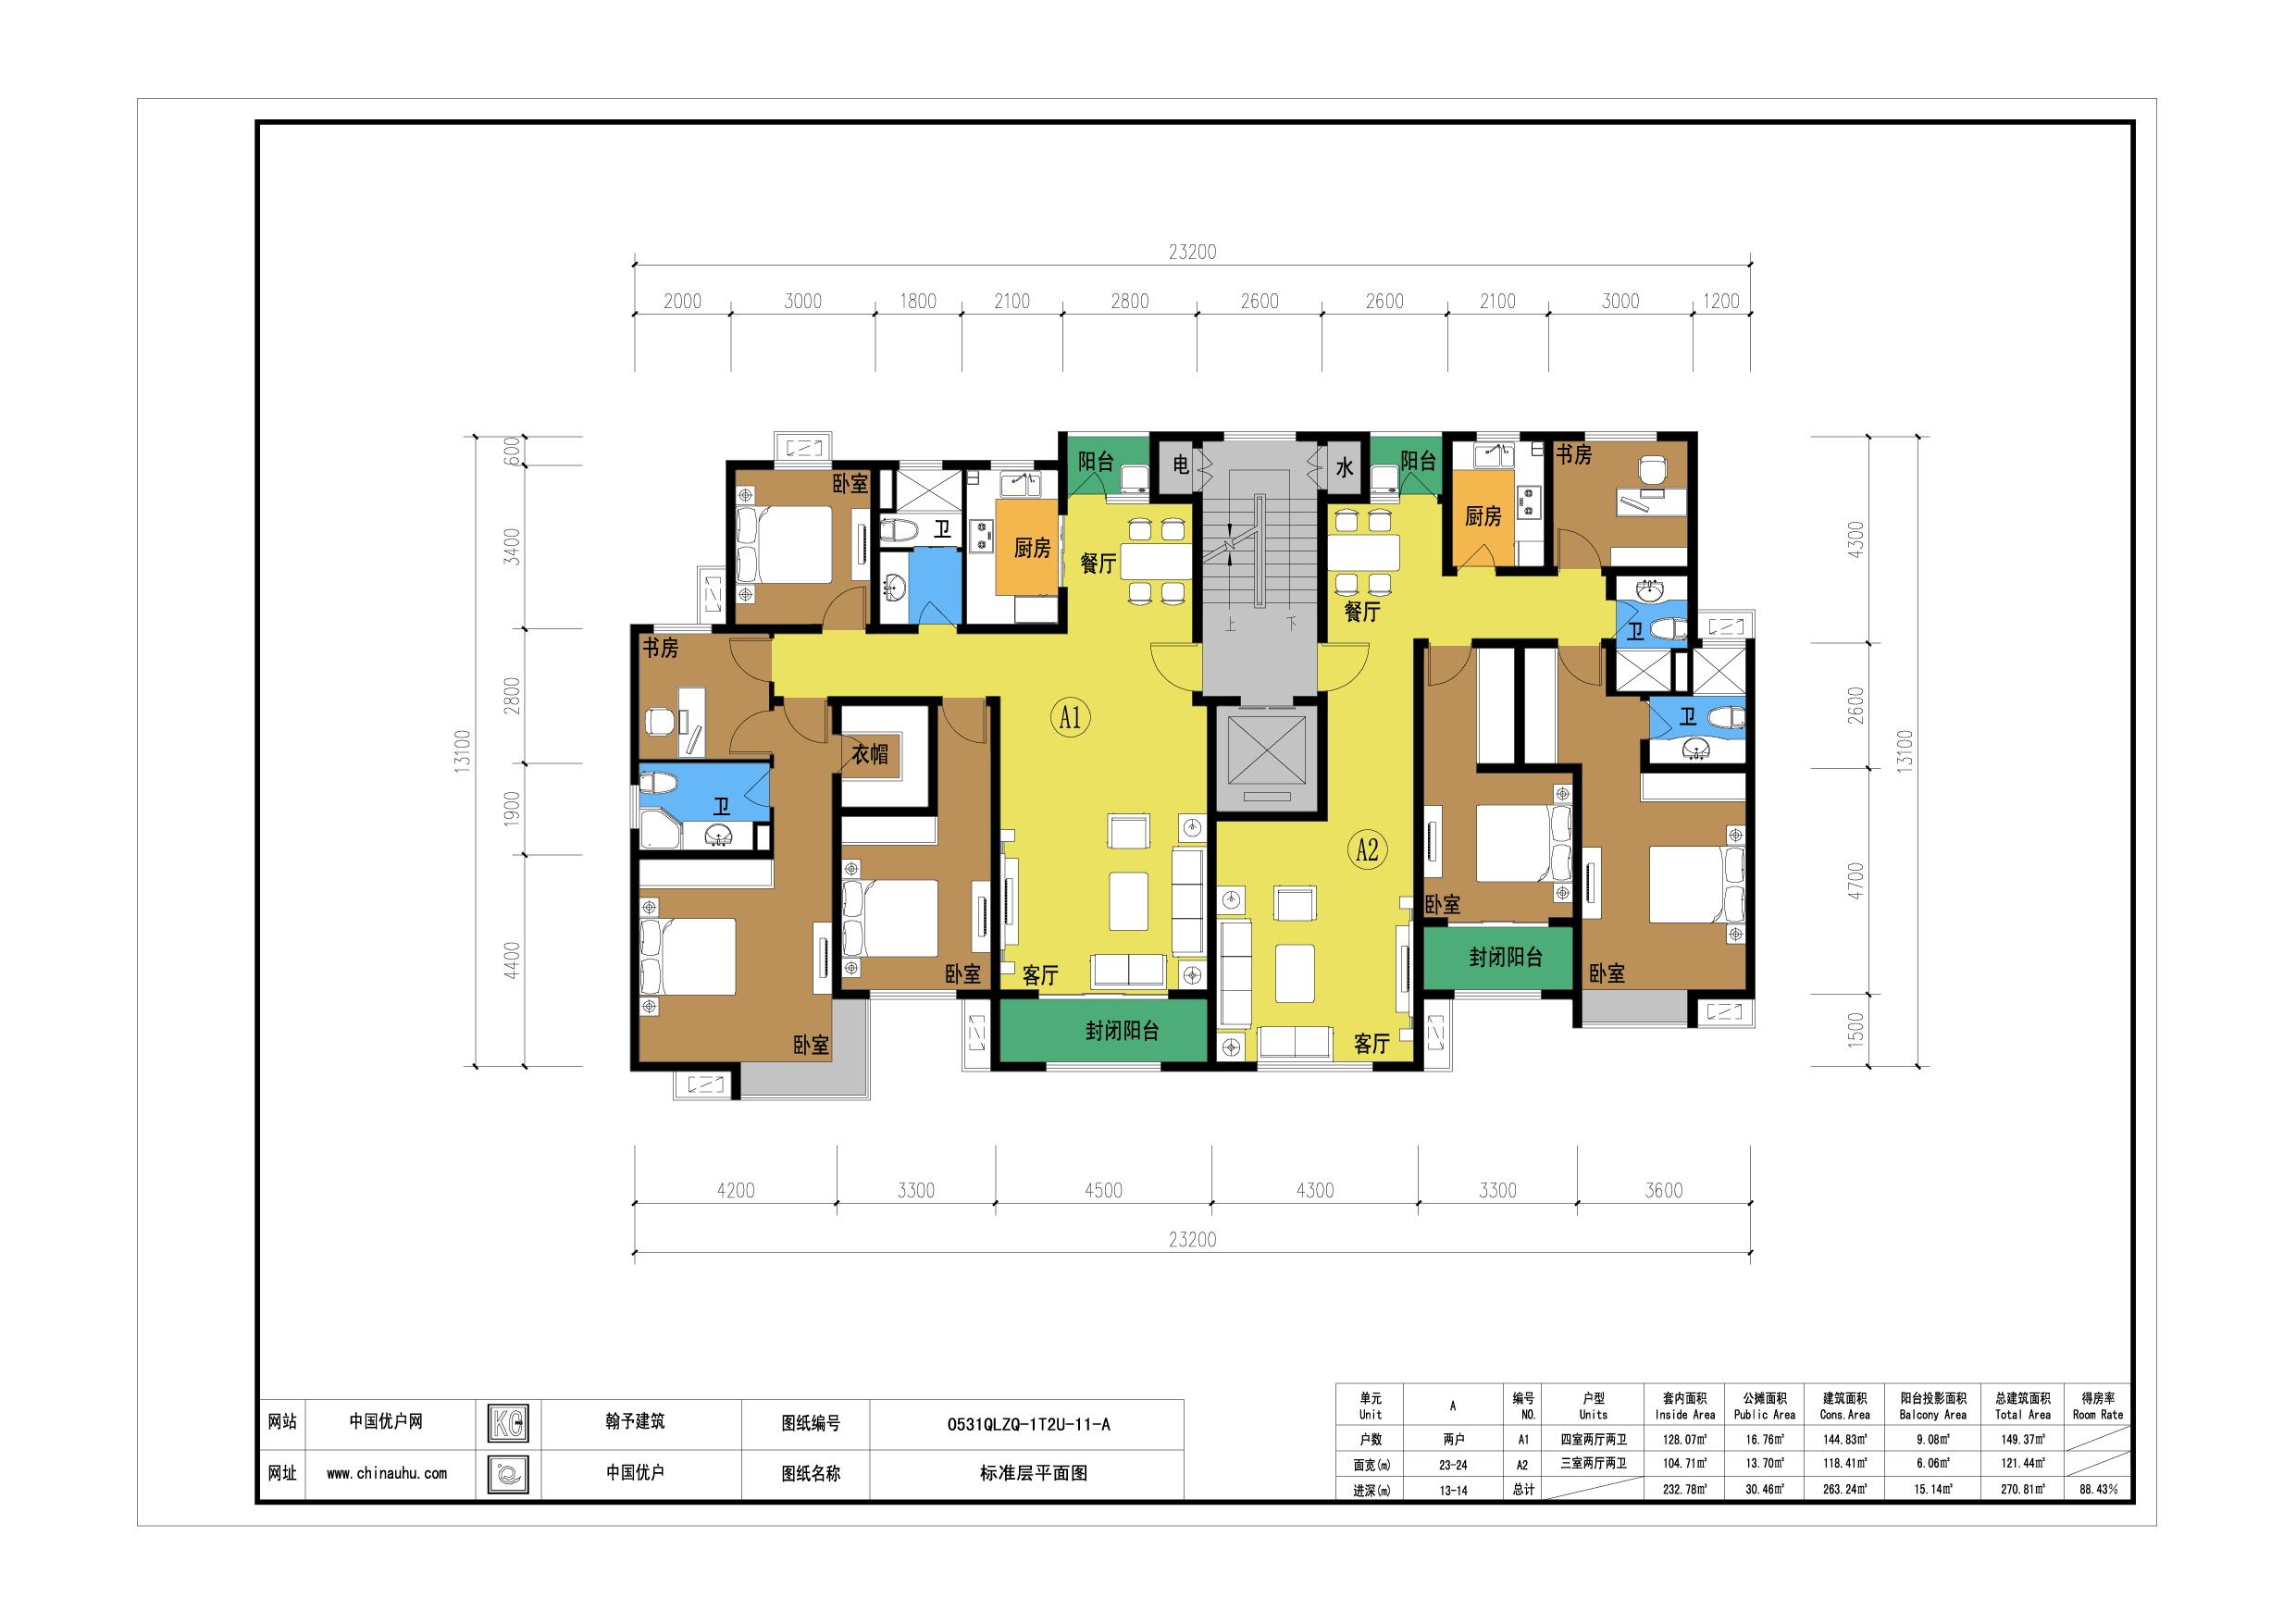 平房四室一厅两卫设计图展示